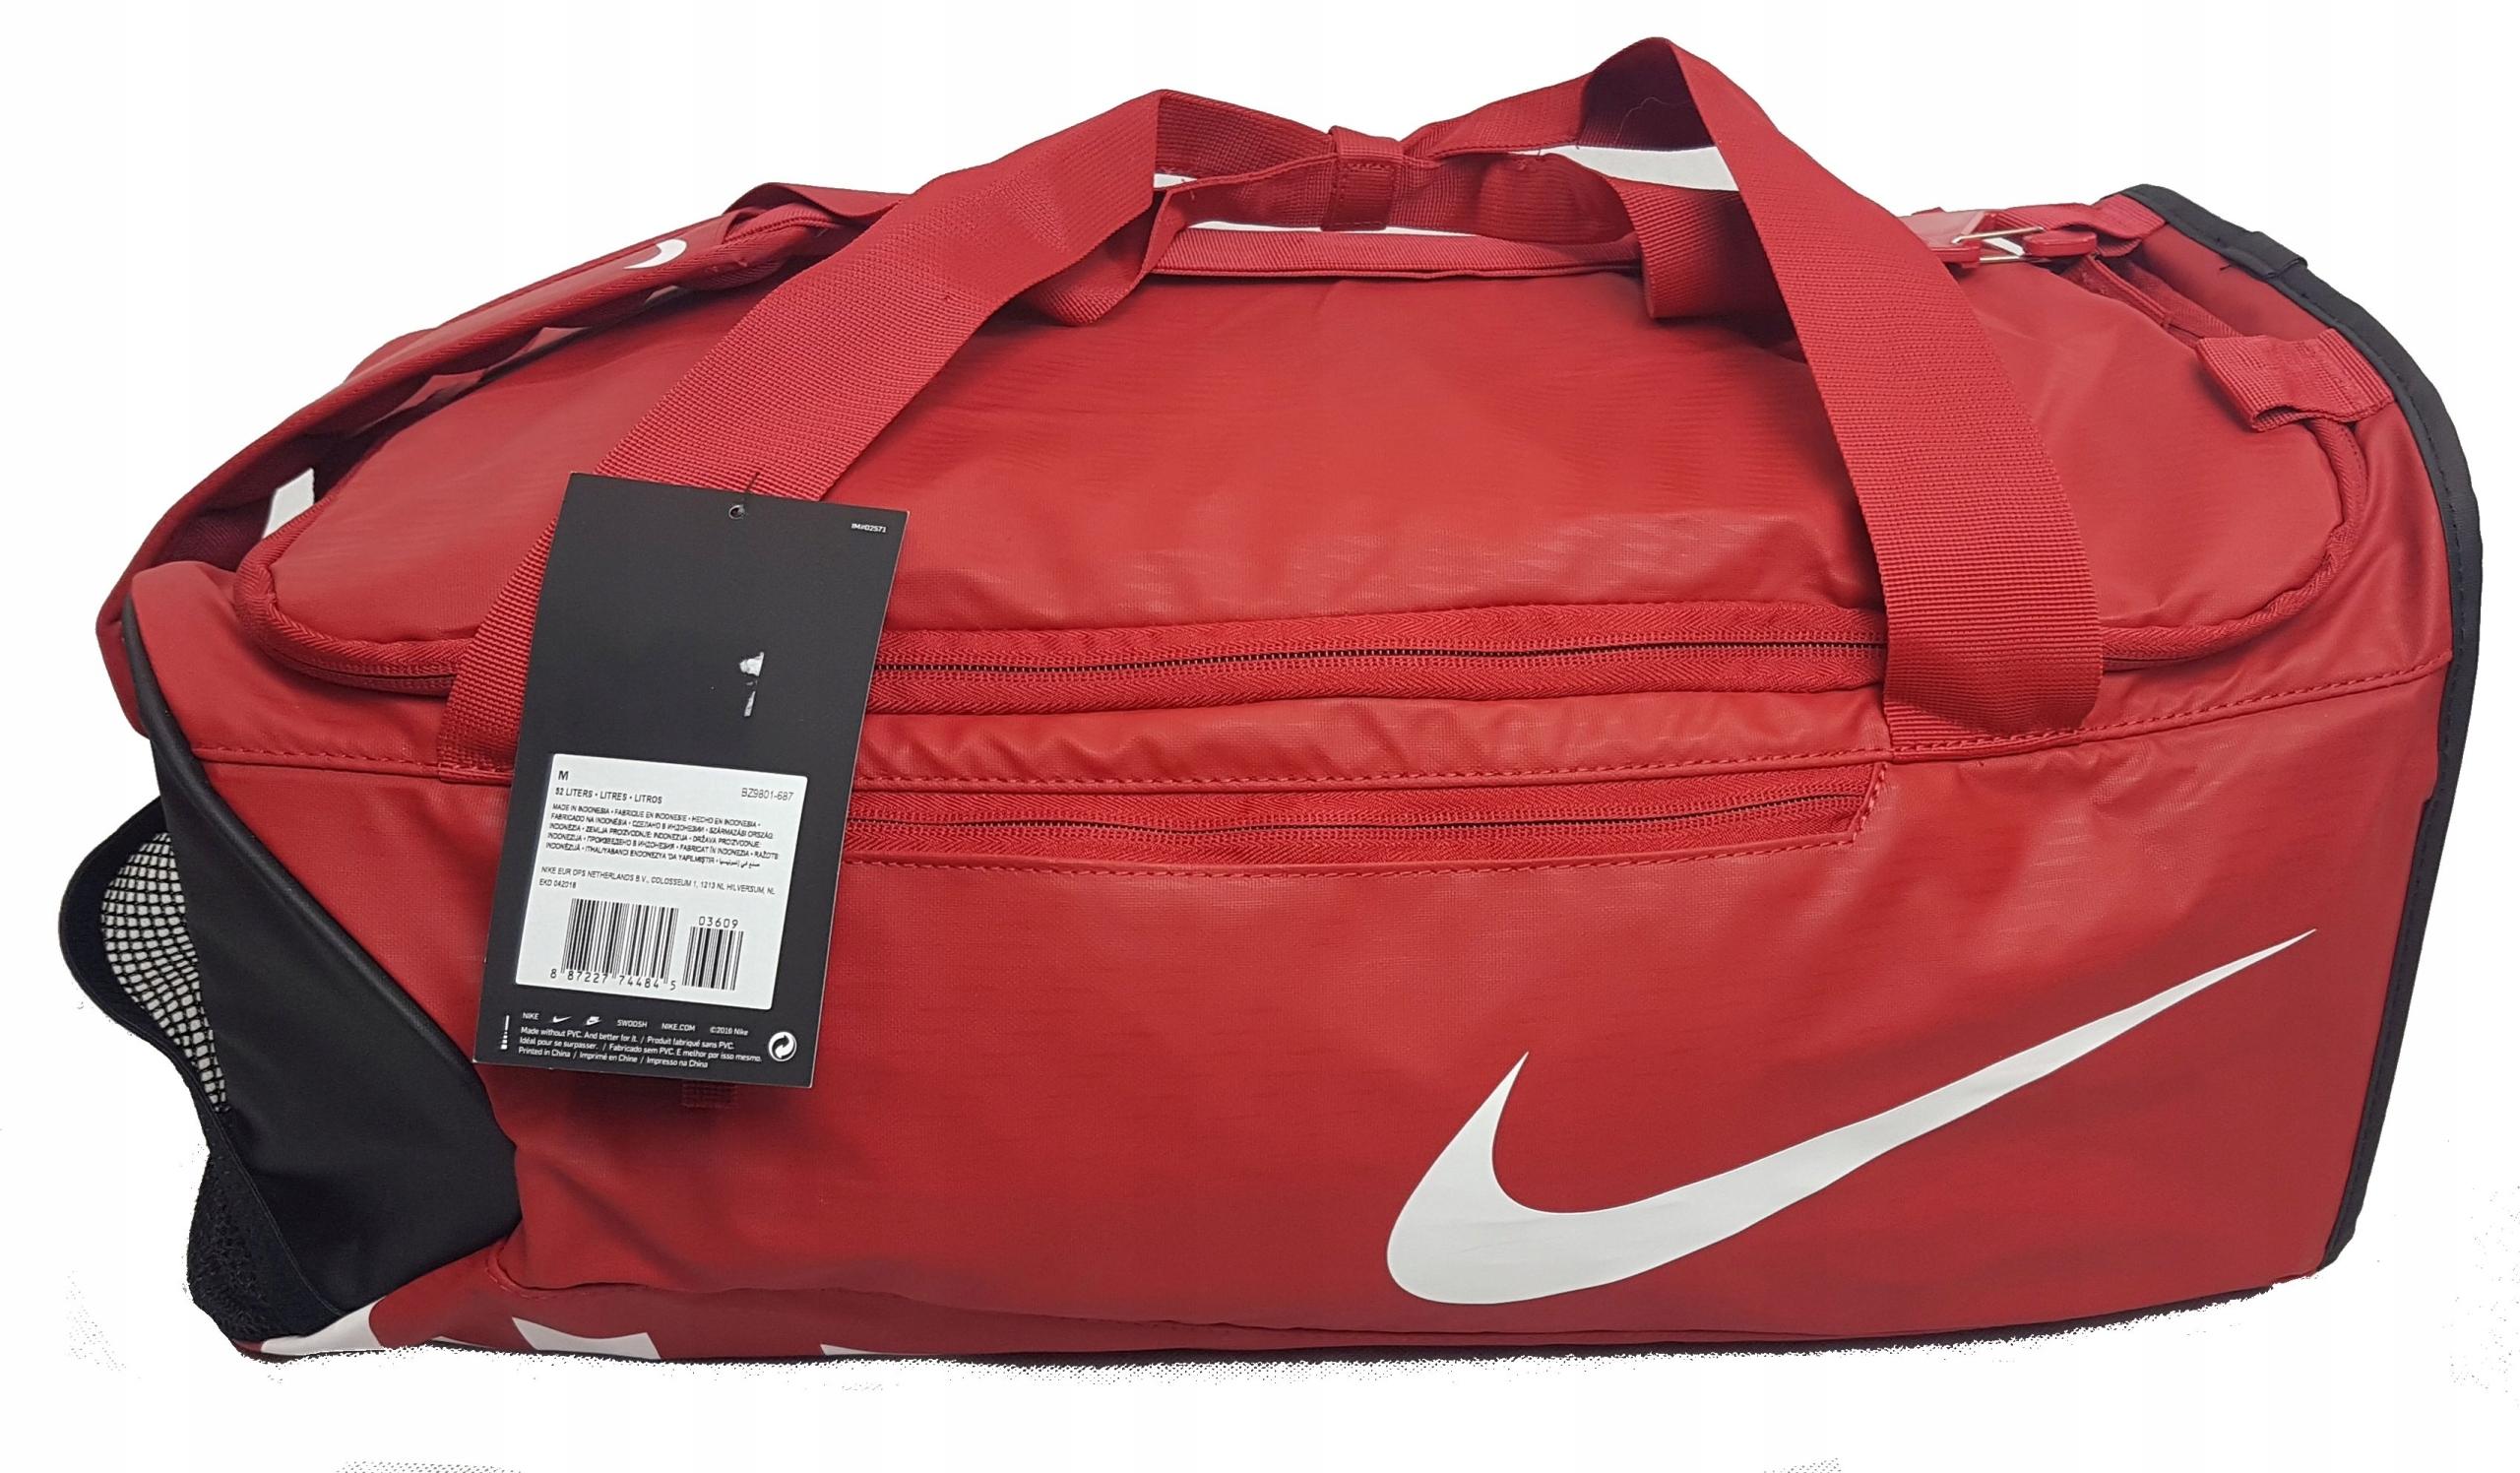 fca8e7e927366 torba sportowa nike w Oficjalnym Archiwum Allegro - Strona 5 - archiwum  ofert